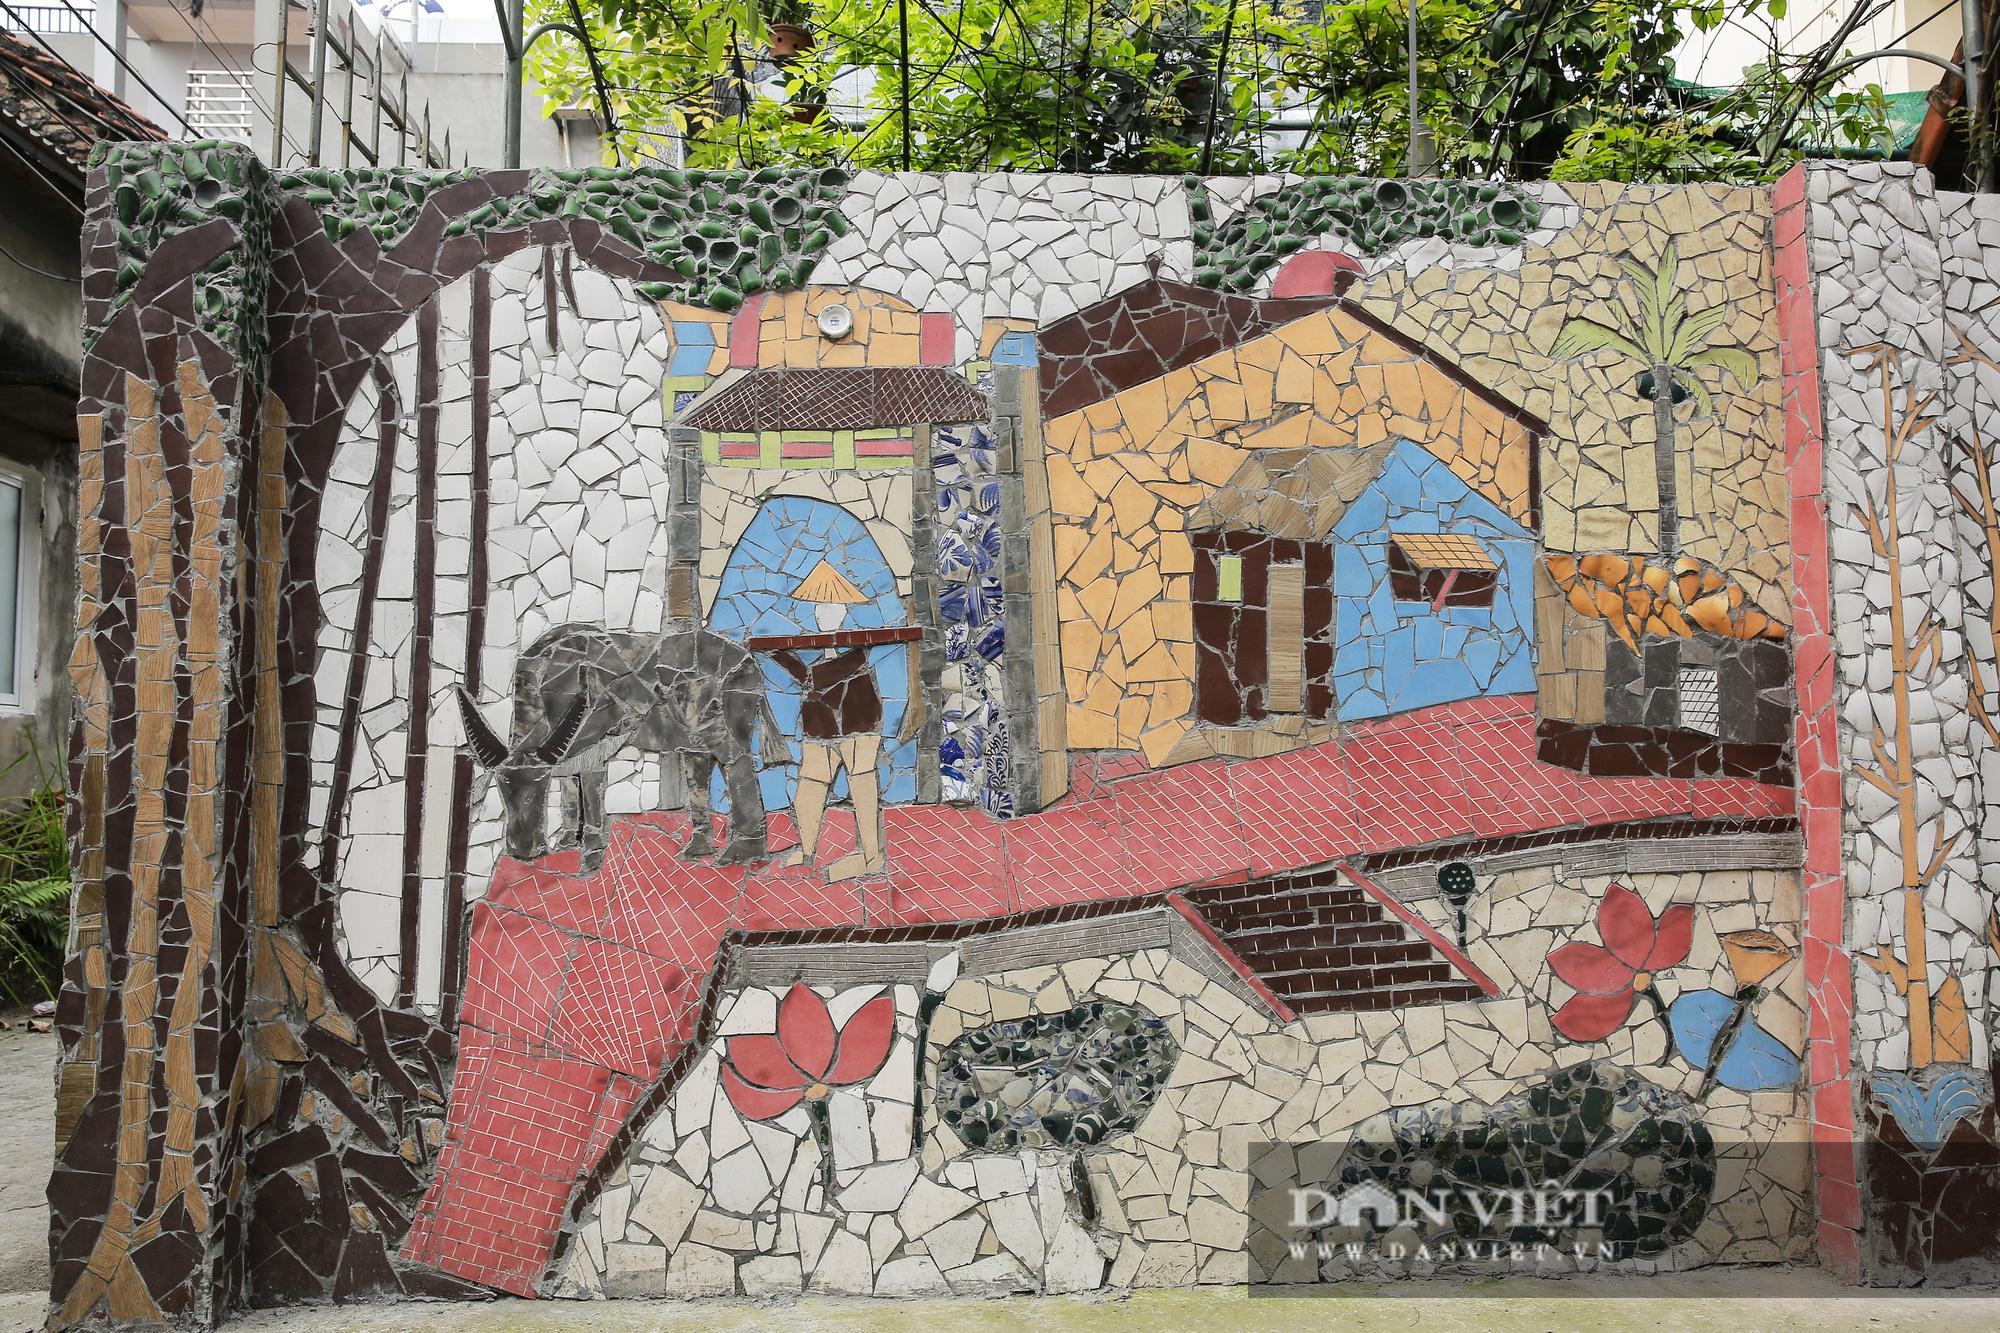 """Đường làng """"thay áo mới"""" bằng những tác phẩm nghệ thuật làm từ đồ phế thải  - Ảnh 9."""